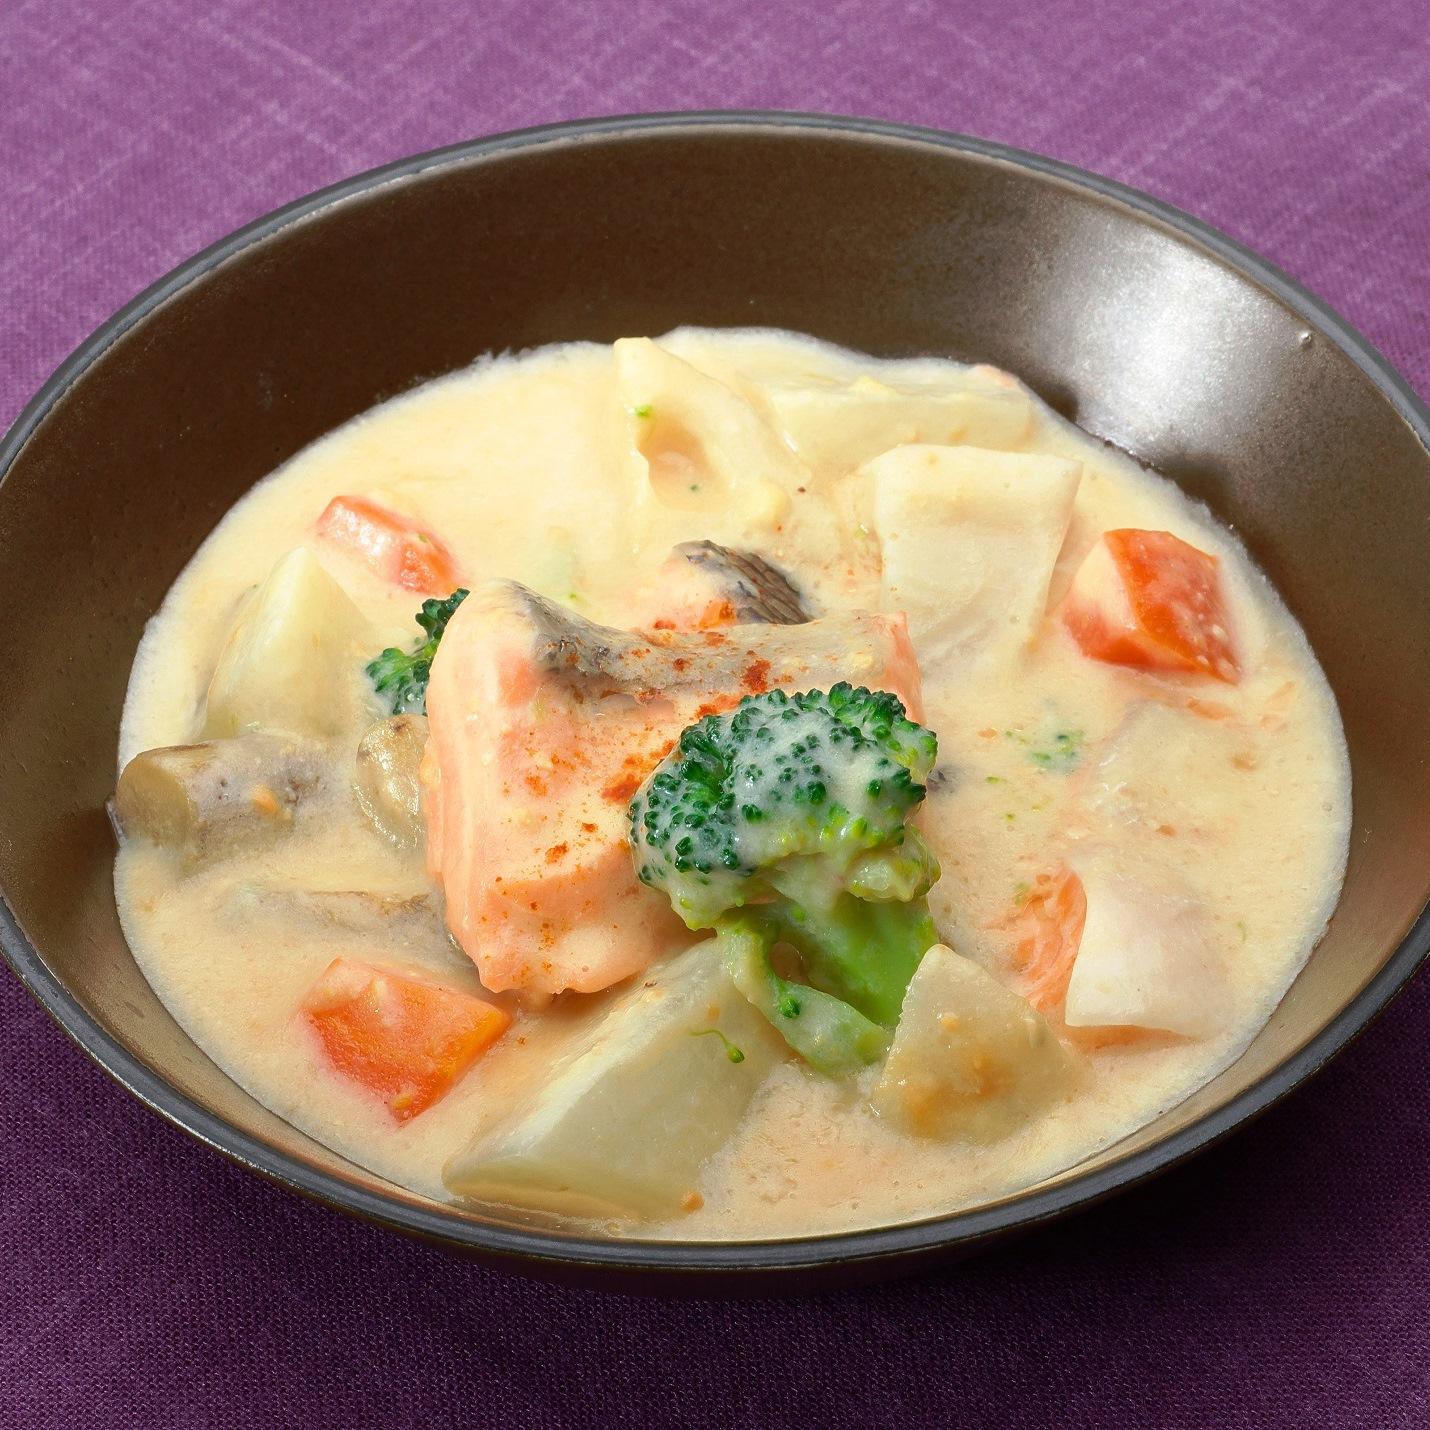 根菜と鮭のミルク煮込み